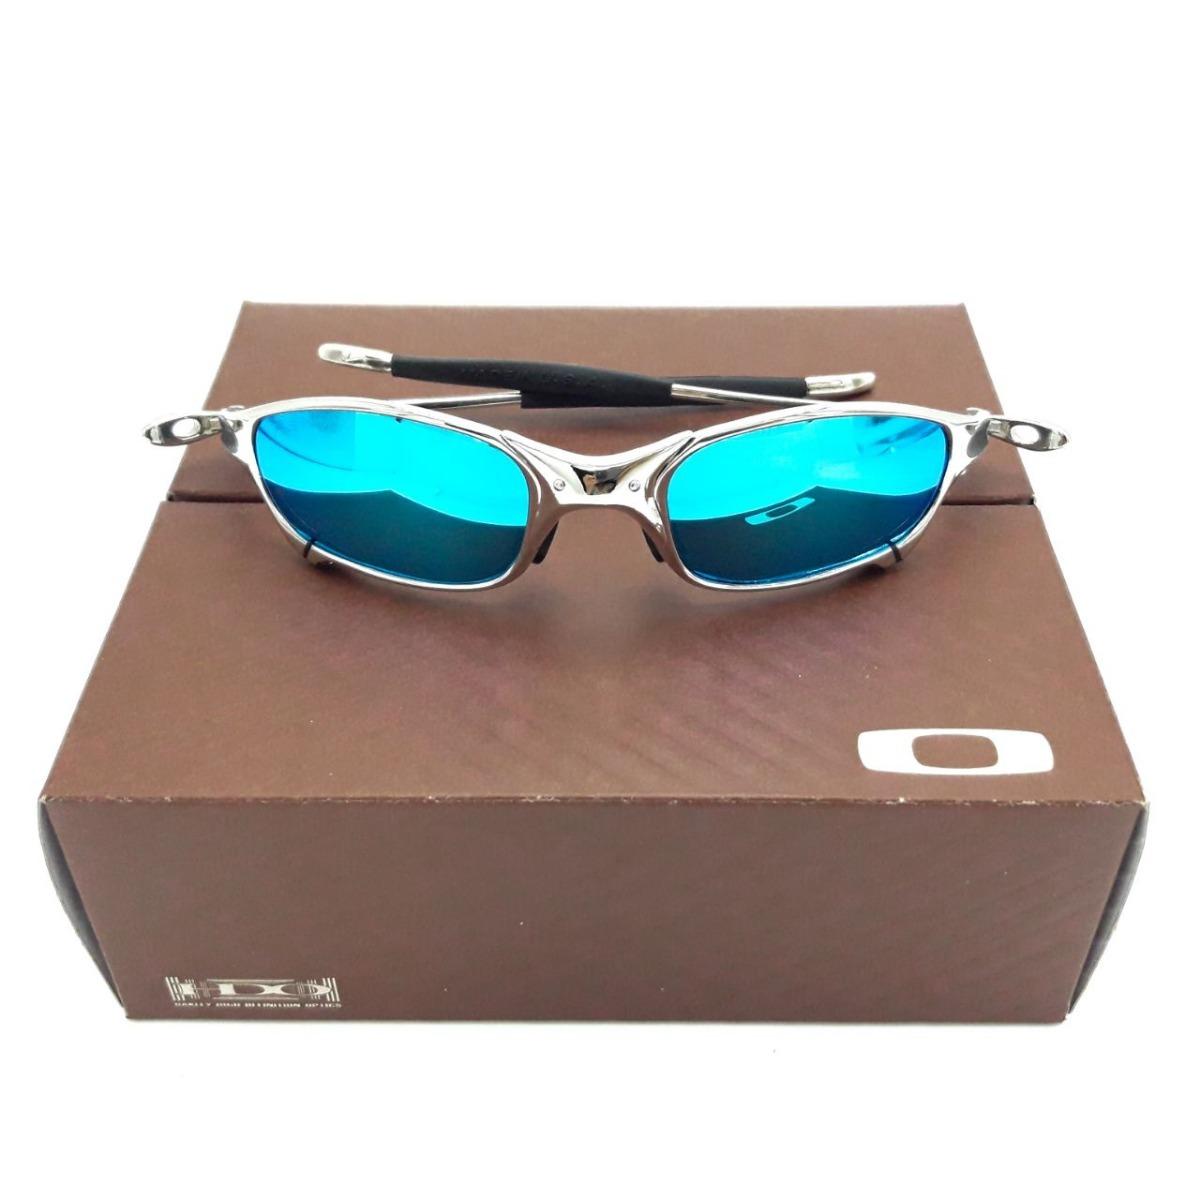 355e664dab óculos oakley juliet 100% polarizado pronta entrega promoção. Carregando  zoom.